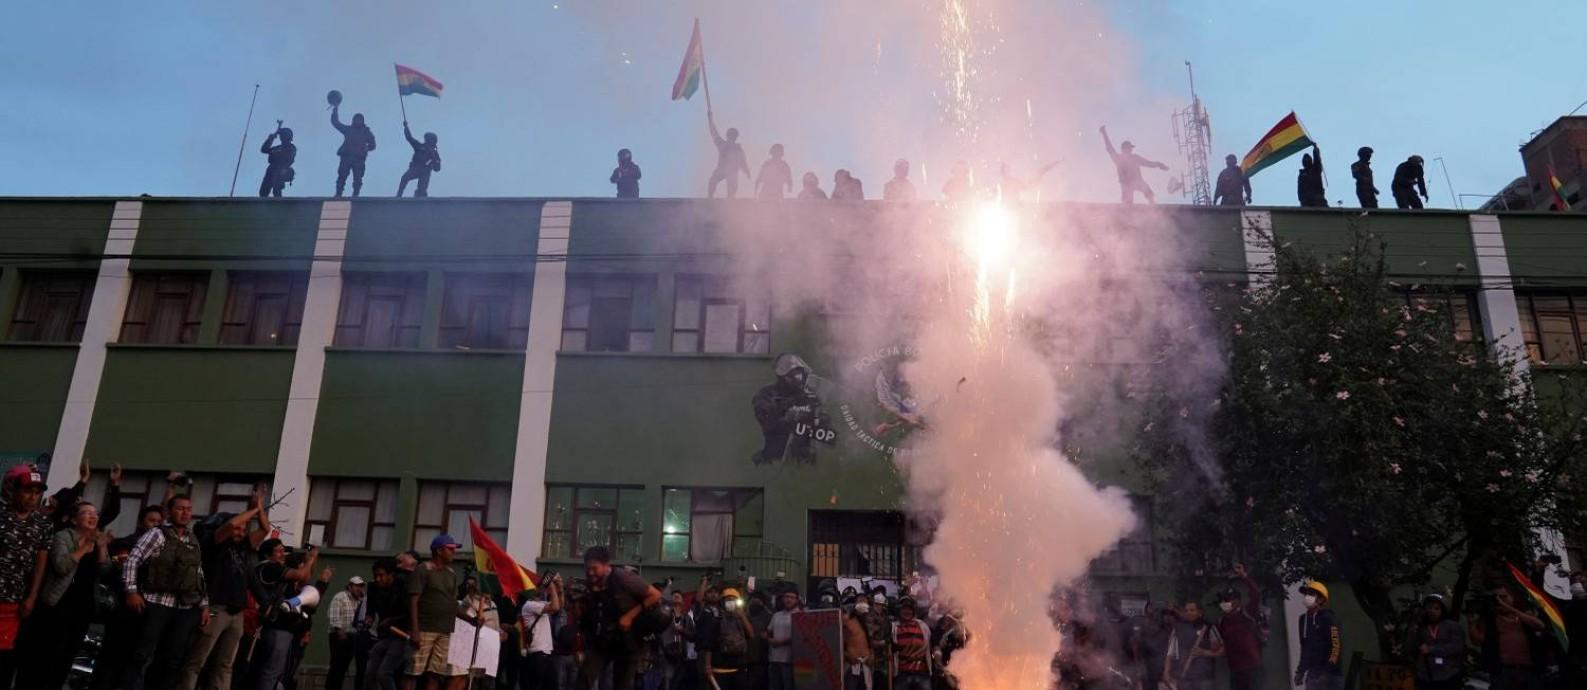 Policiais amotinados ocupam o telhado de um quartel em Cochabamba, Bolívia Foto: DANILO BALDERRAMA / REUTERS